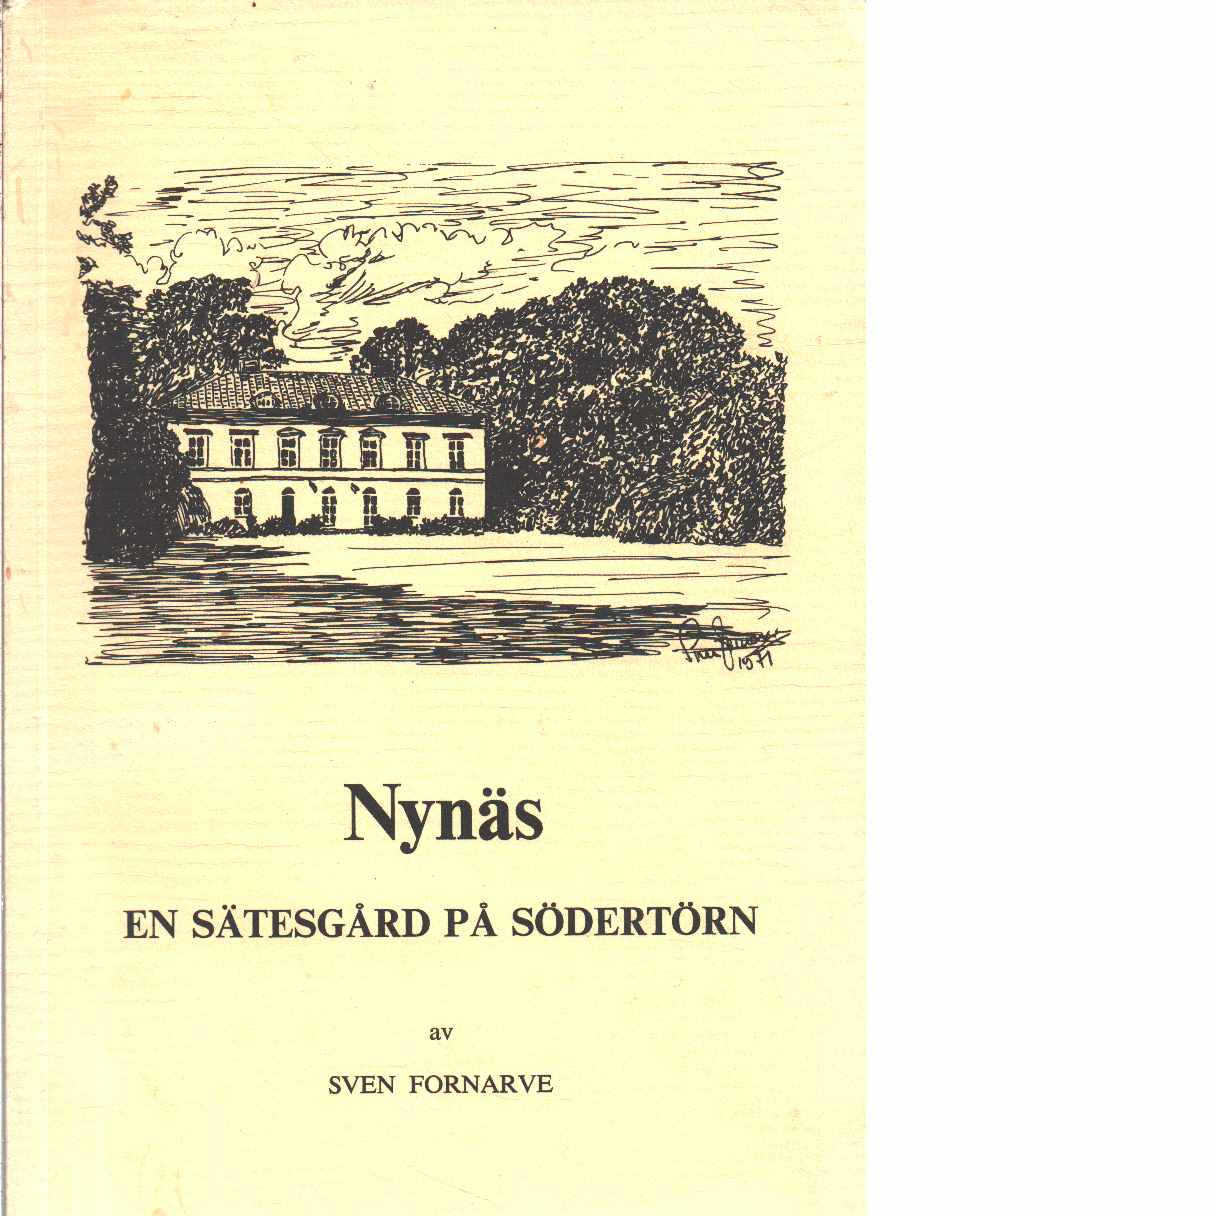 Nynäs : en sätesgård på Södertörn  - Fornarve, Sven